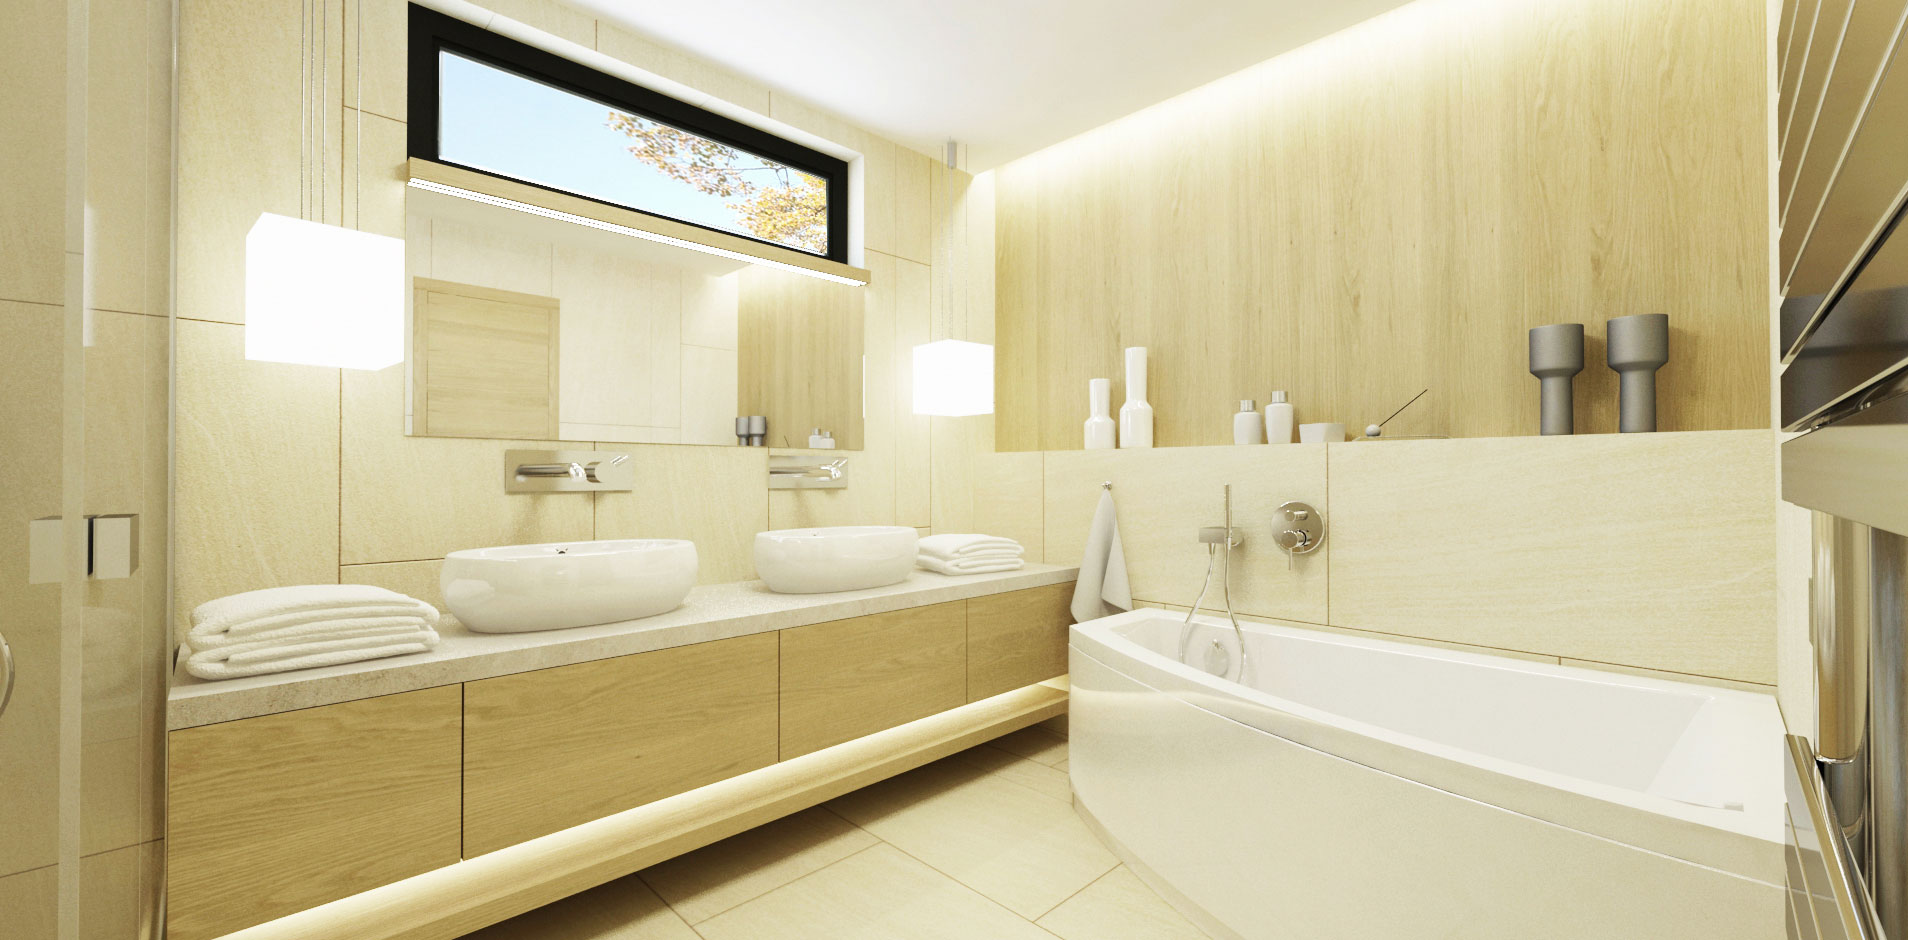 návrh interiéru rodinného domu - kúpeľňa